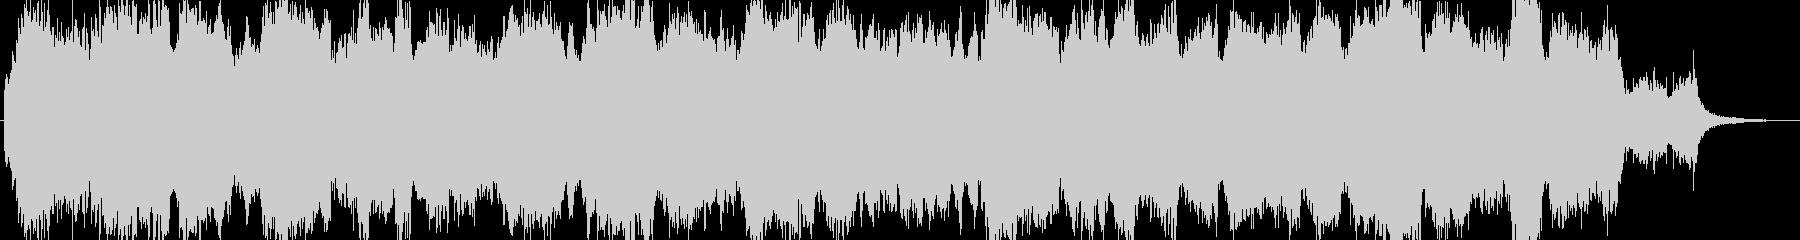 実験的な岩 バックシェイク エーテ...の未再生の波形